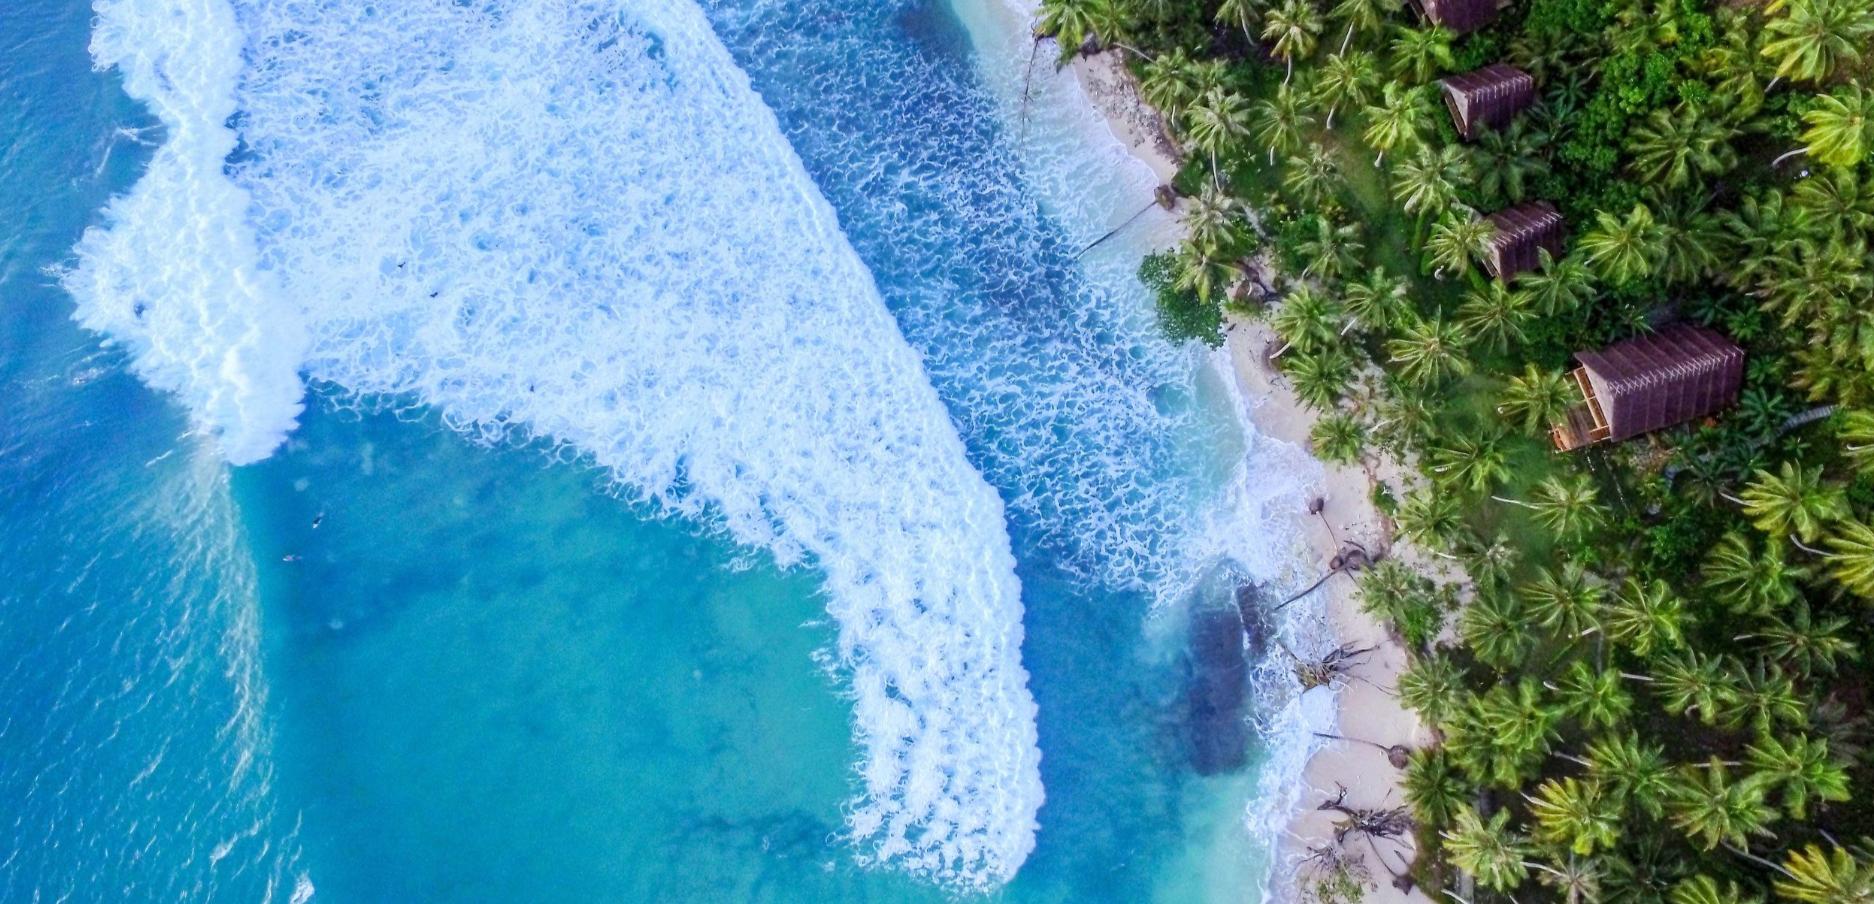 Mentawai surf retreat: Nyang Nyang surfing accommodation